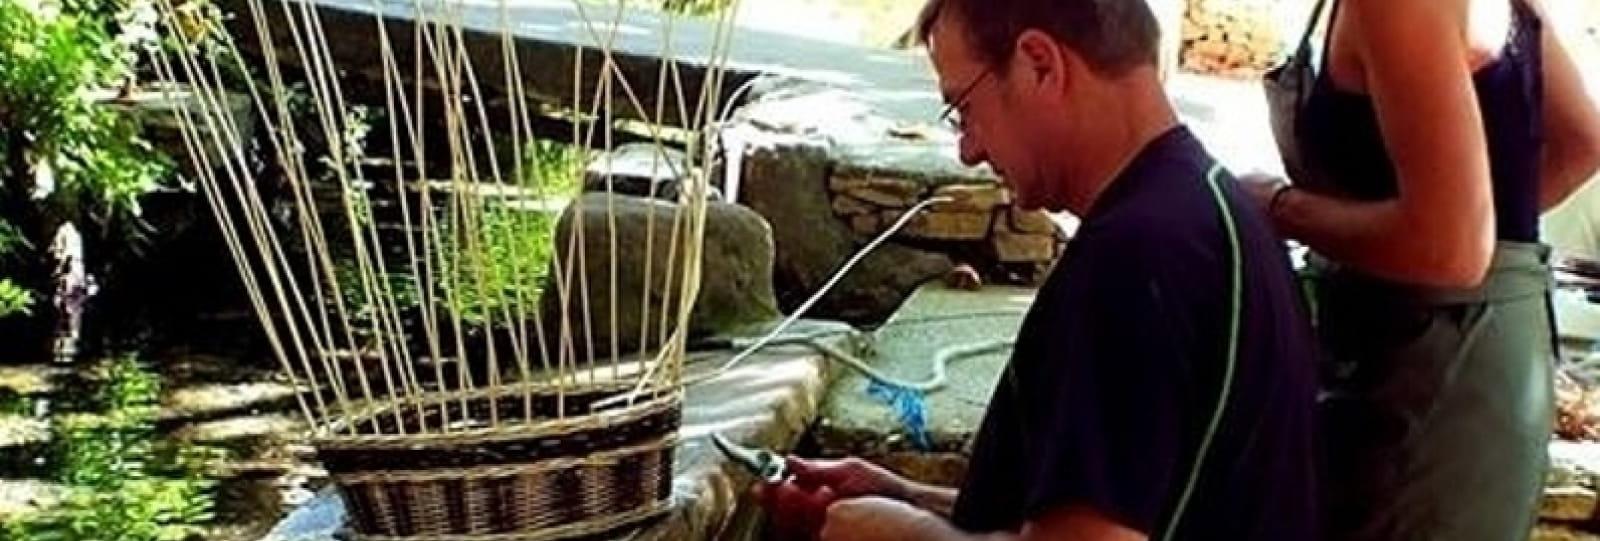 Vannerie les Chemins de l'osier (basket-making)